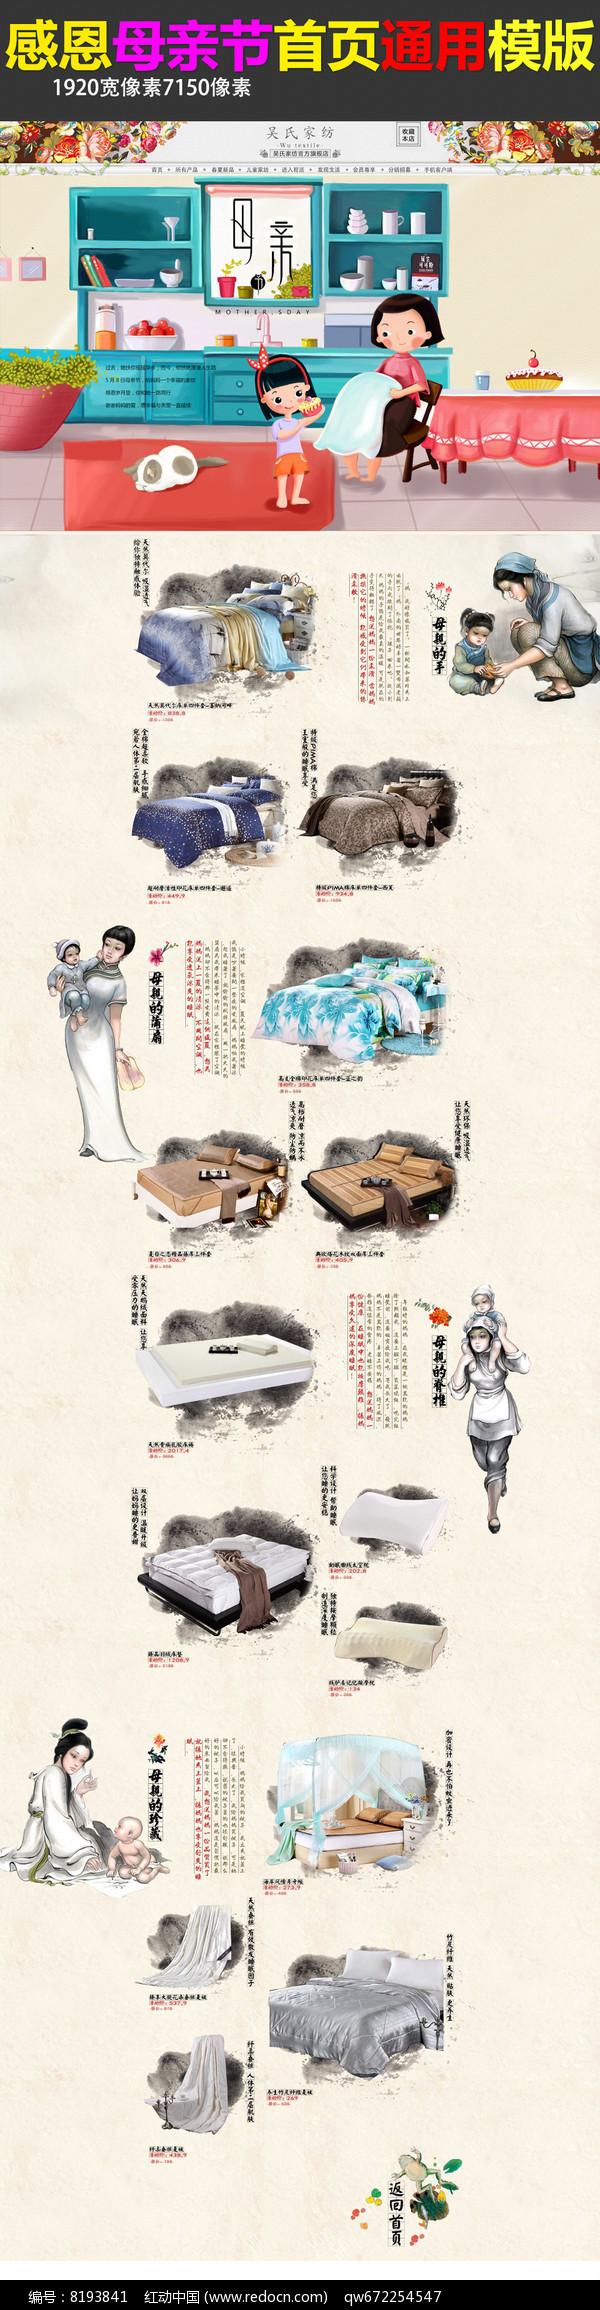 2017古风淘宝天猫母亲节家纺首页图片